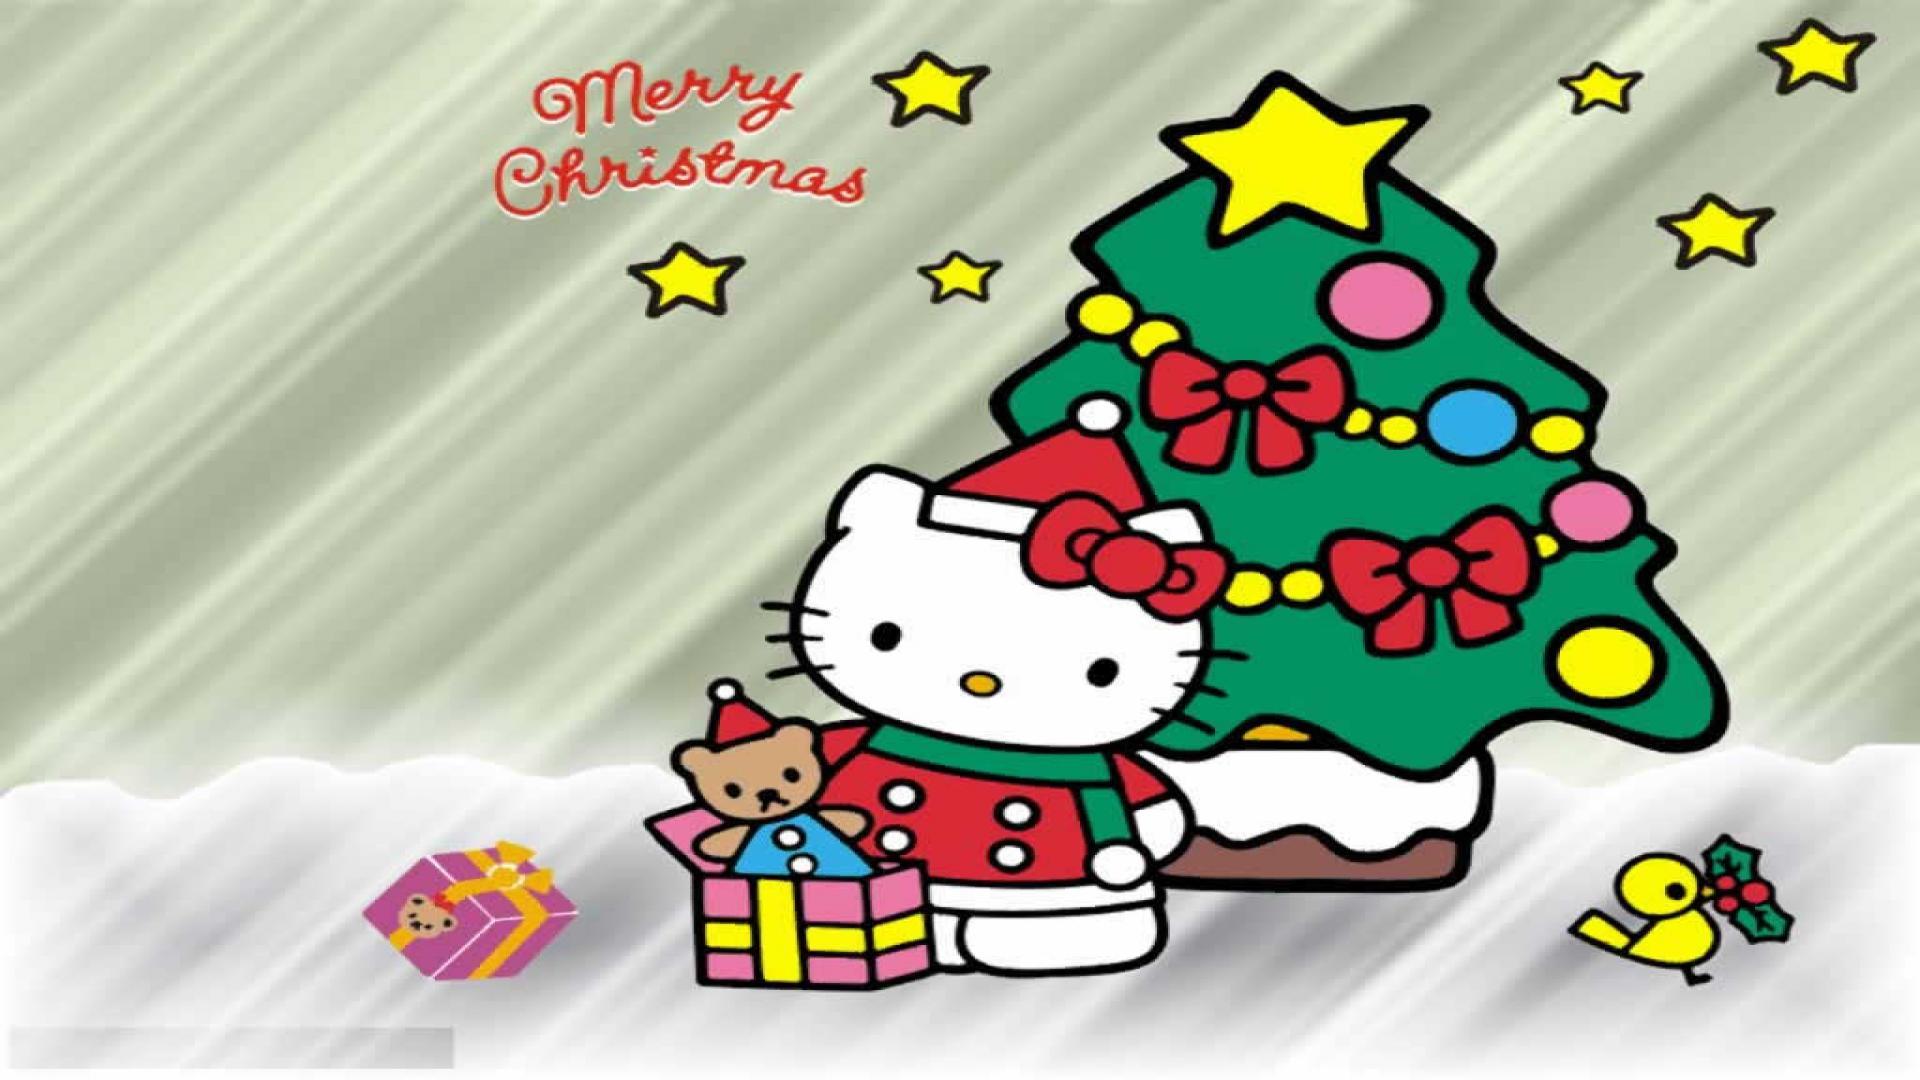 Best Wallpaper Hello Kitty Ipad 2 - HC9rlk  Collection_94153.jpg